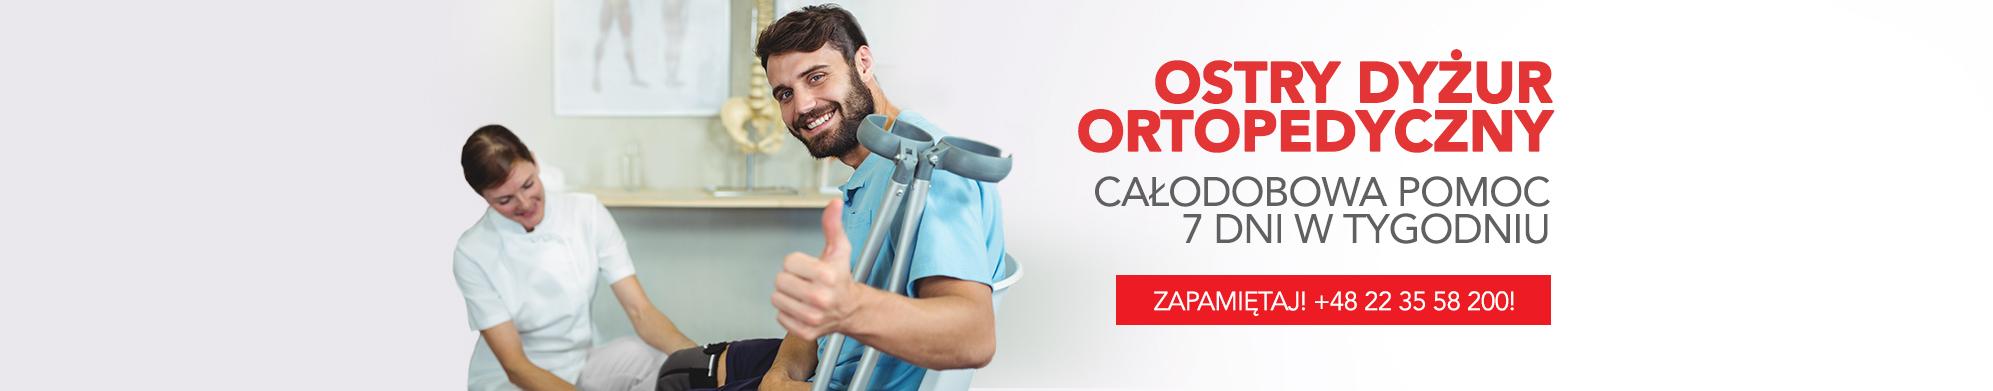 Ostry Dyżur Ortopedyczny czynny jest 24 godziny na dobę przez 7 dni w tygodniu.